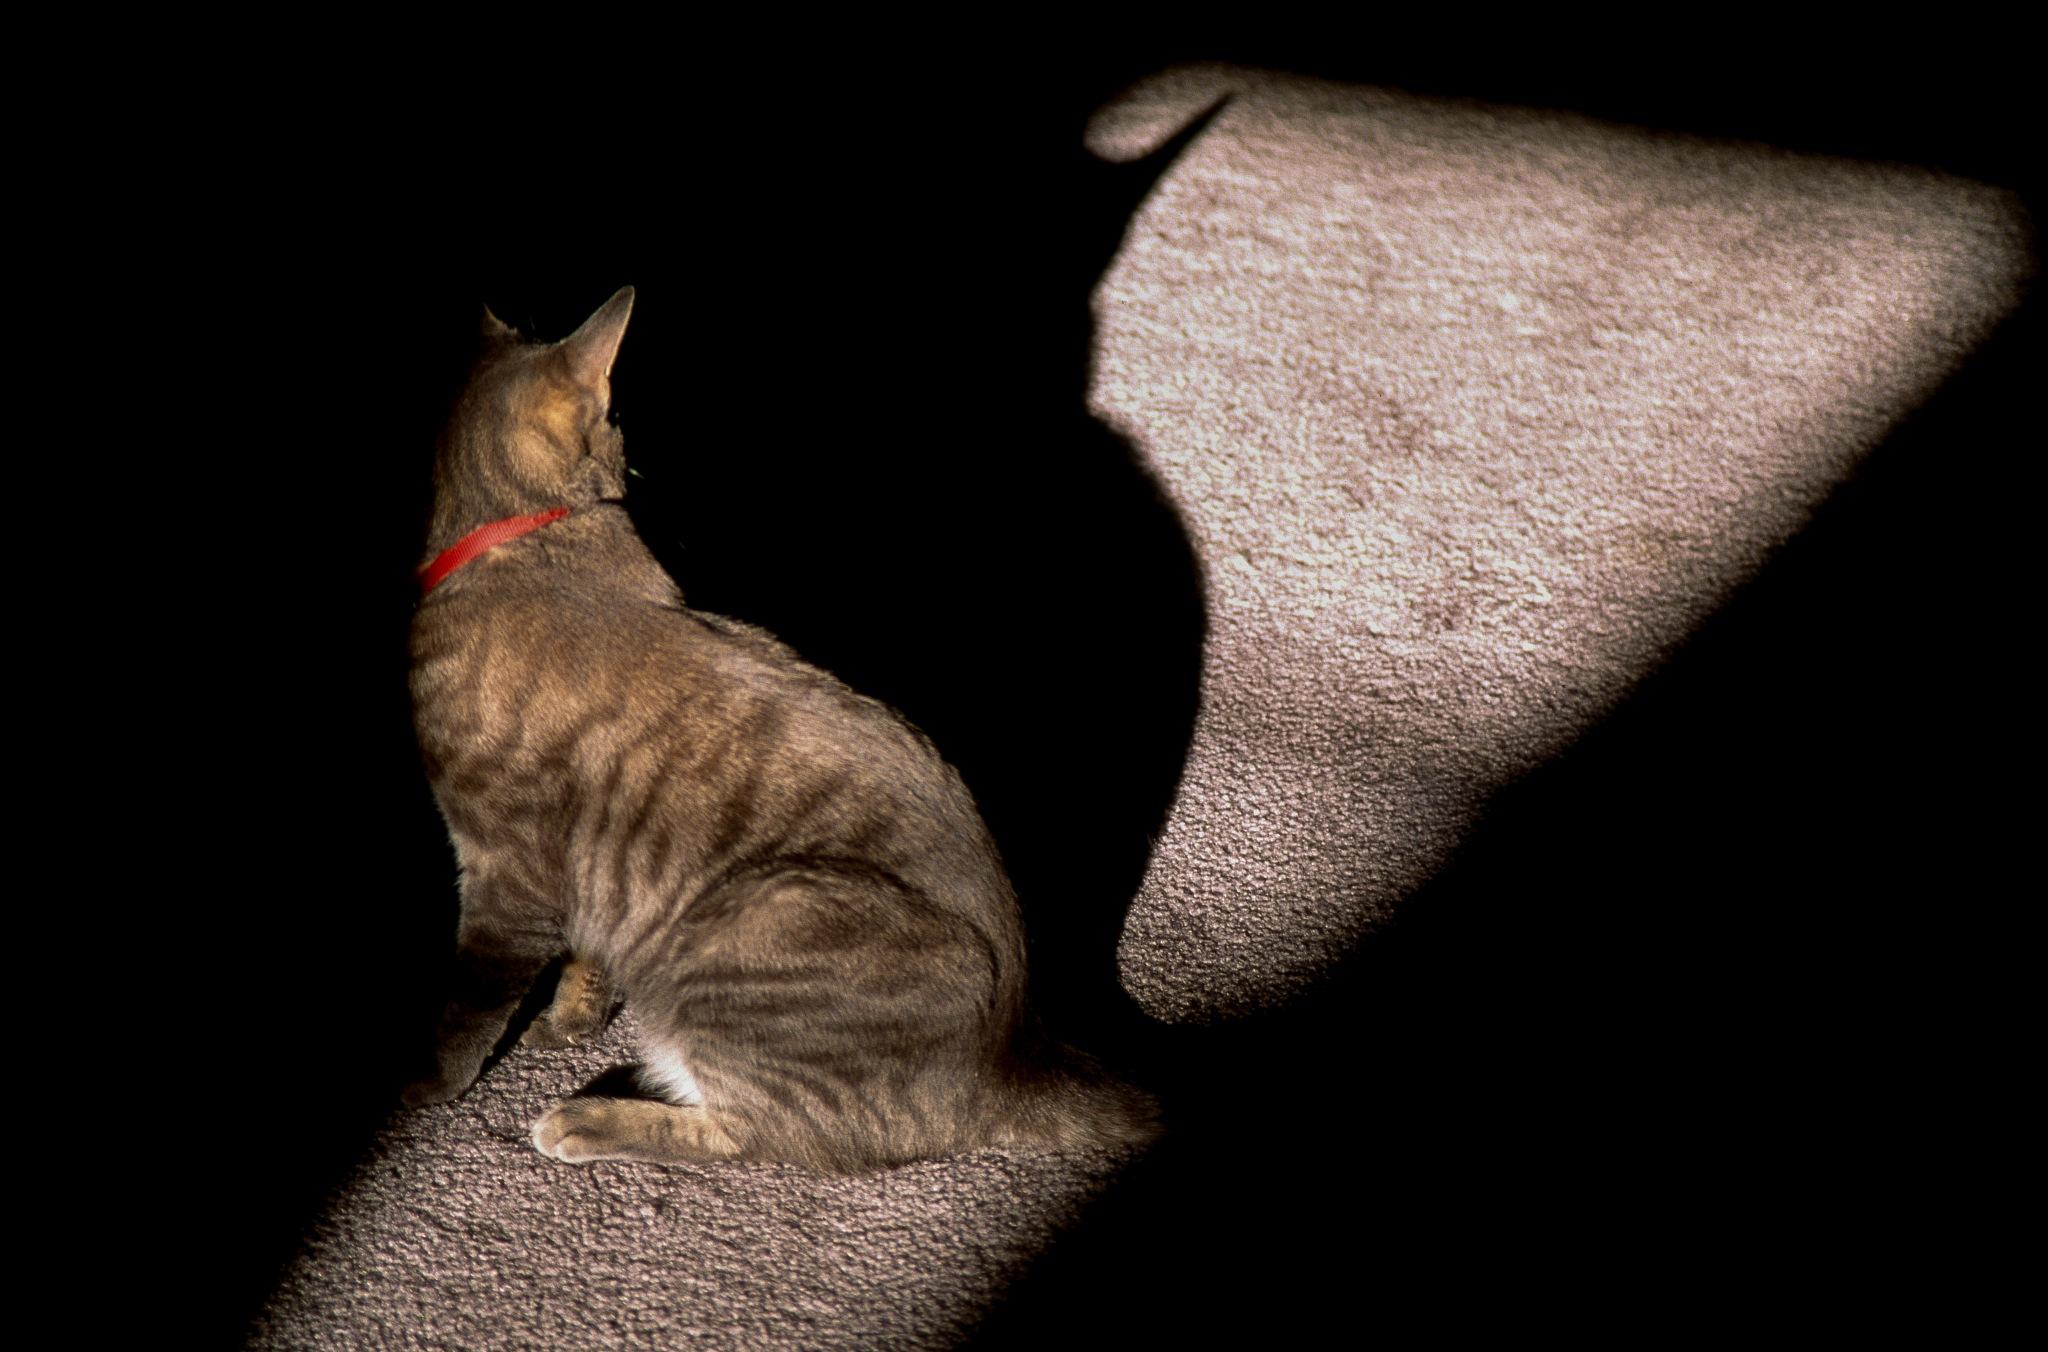 Bat-Cat! © Copyright 2017, Verne Varona by VerneVarona